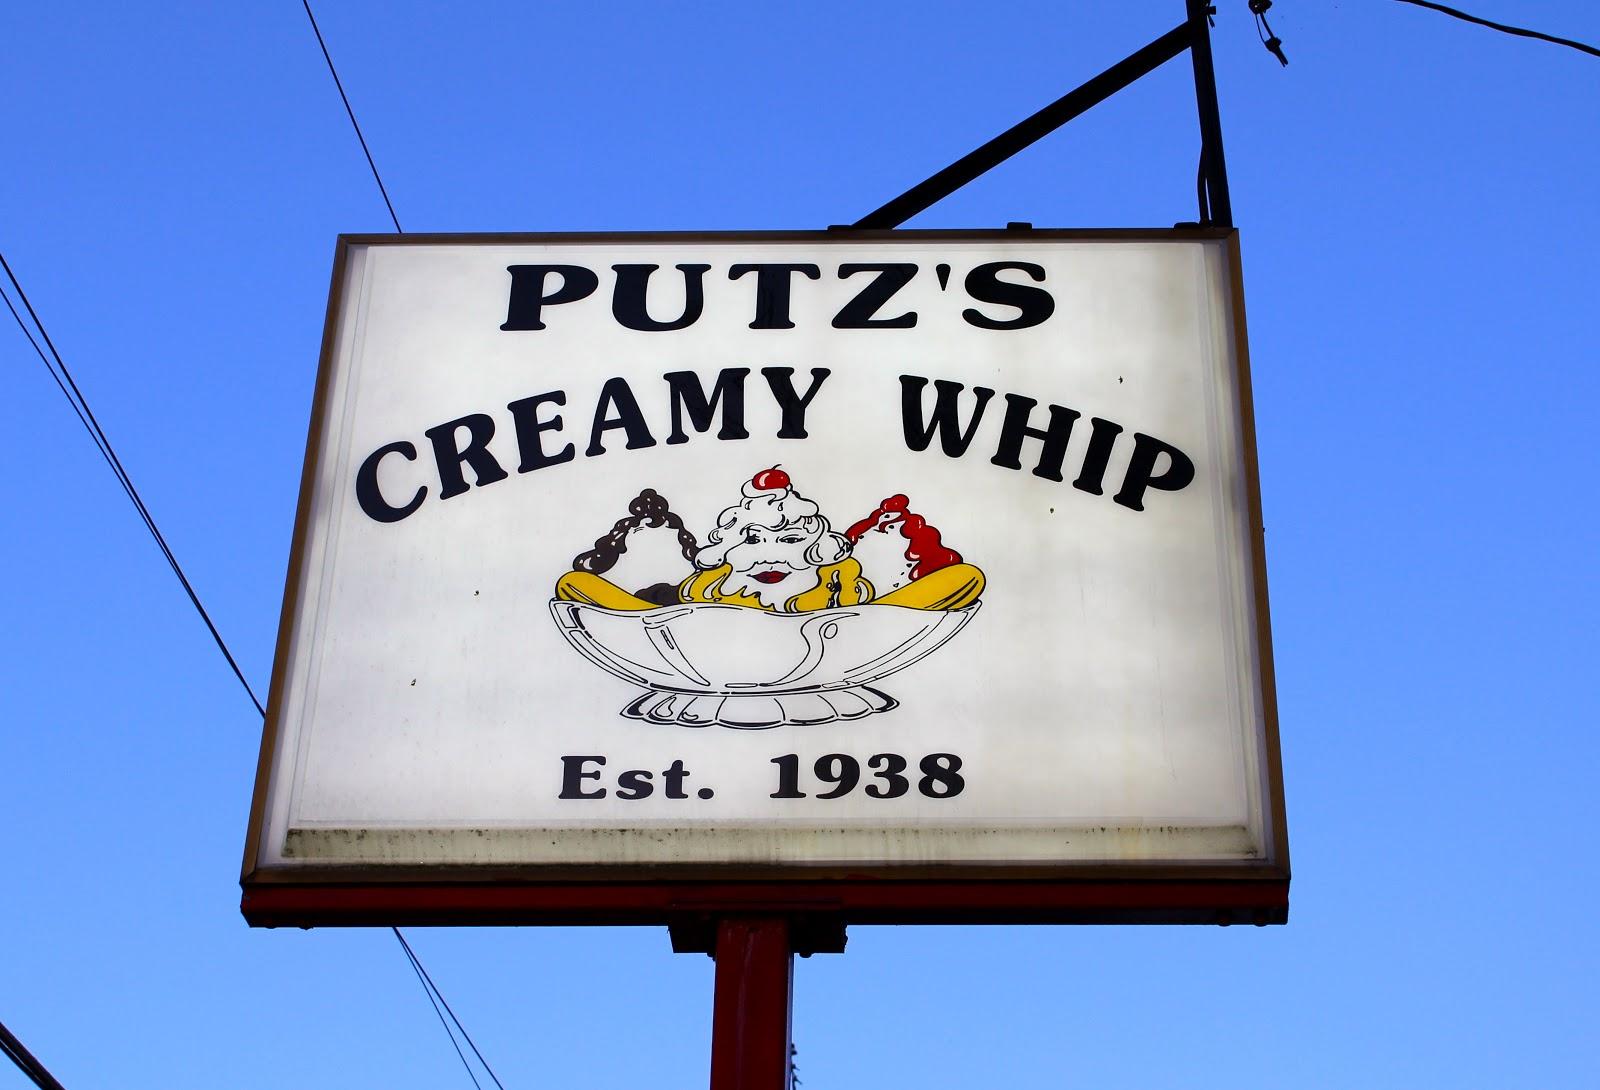 Putz's Creamy Whip